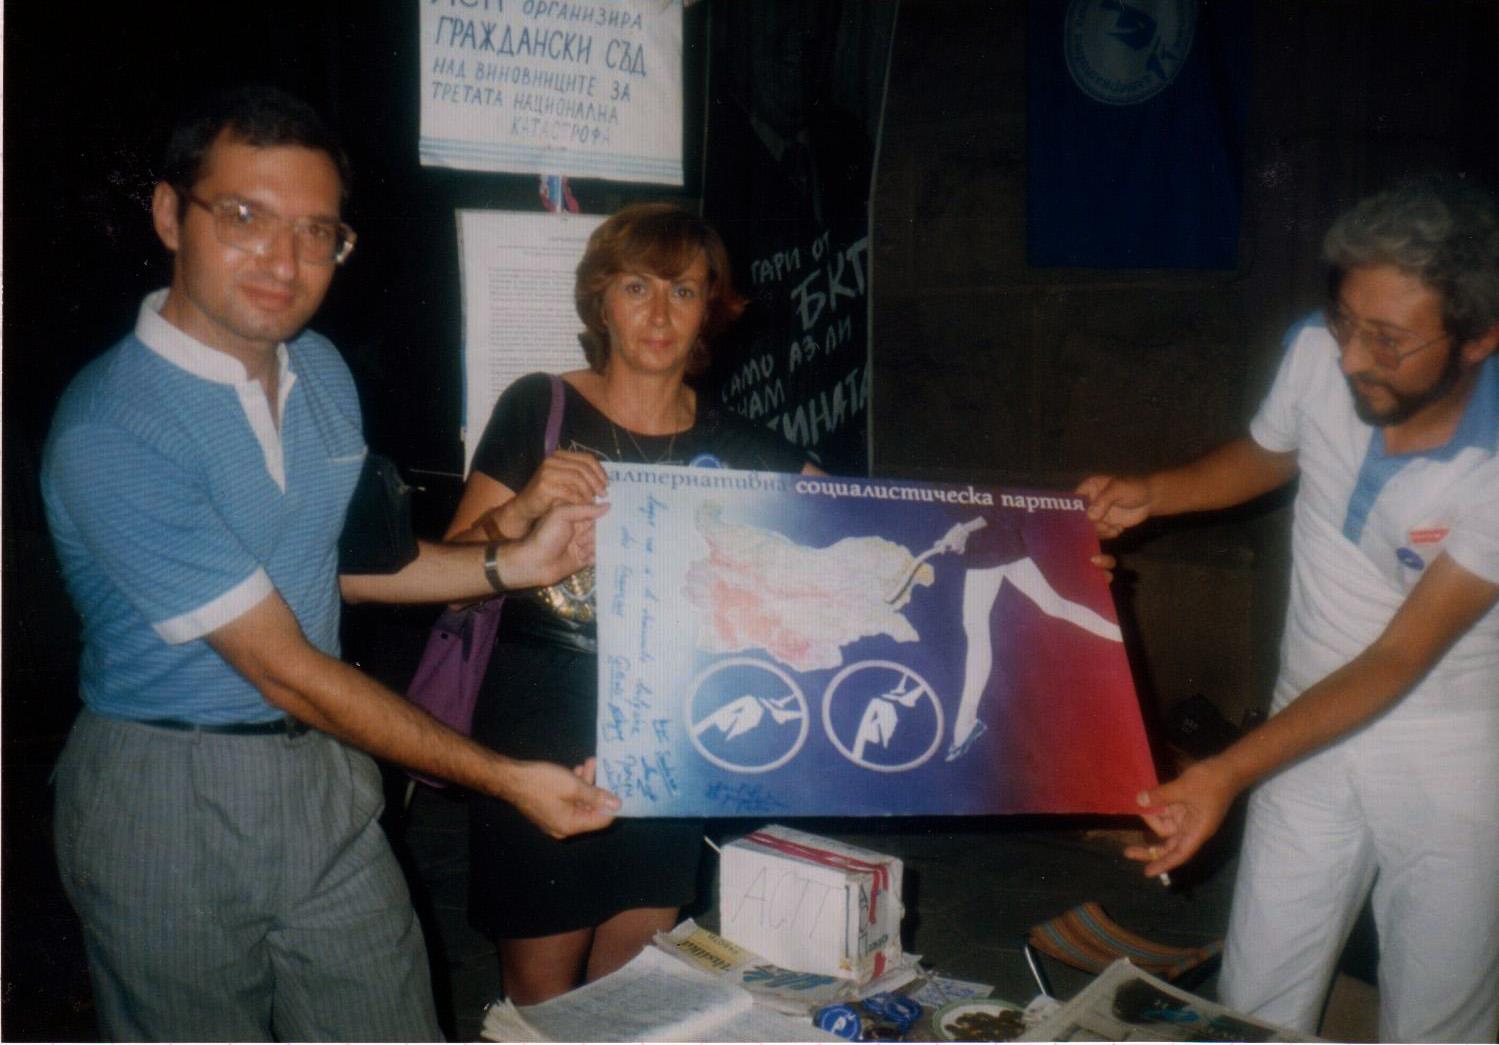 Une affiche dédicacée par des Français, présentée par des manifestants